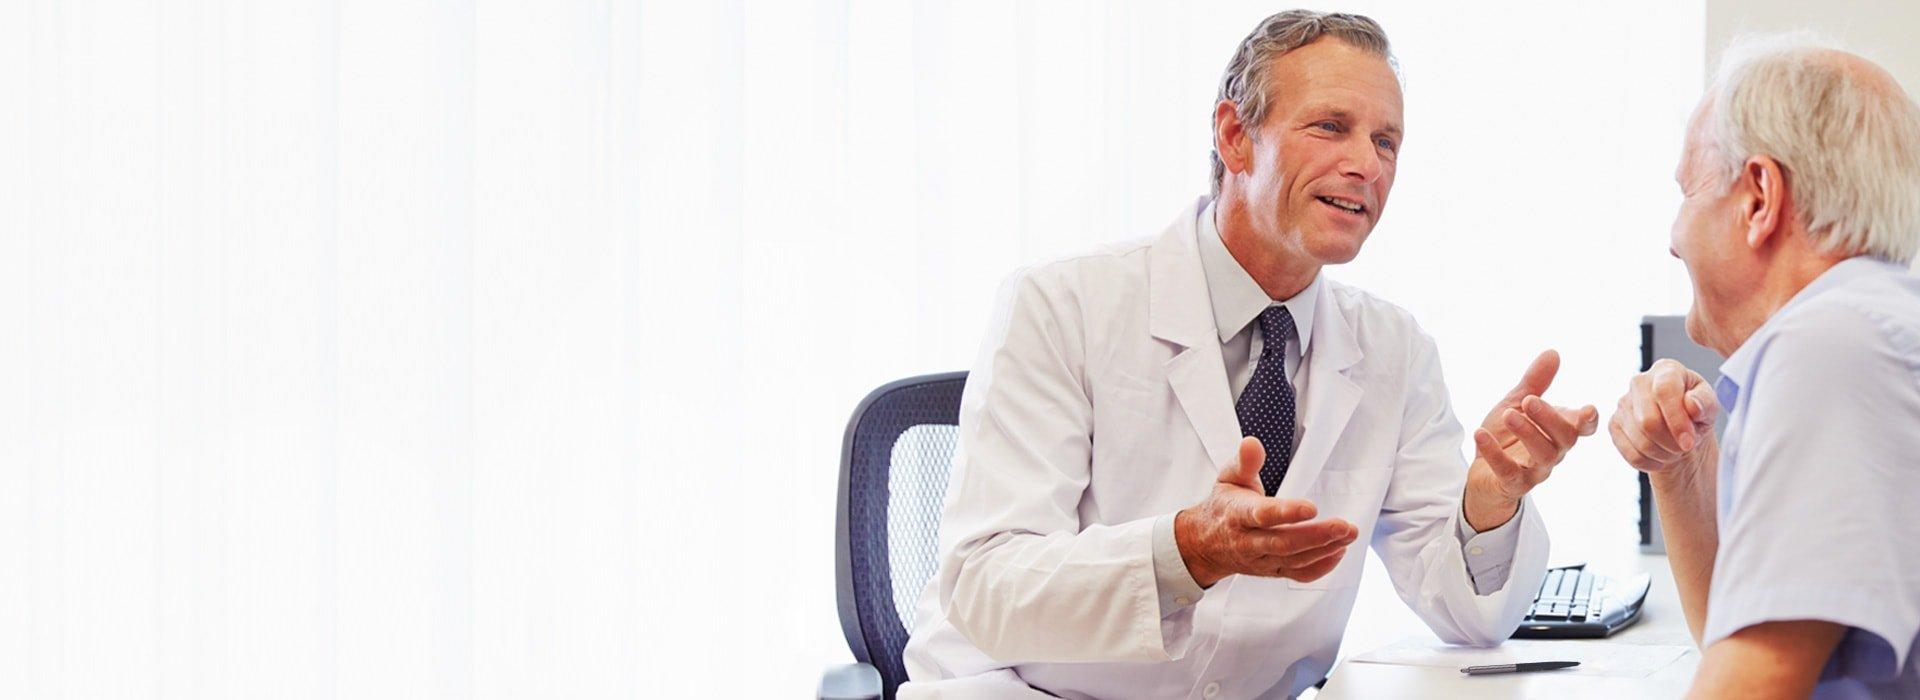 Egy ember konzultál egy hallásgondozó szakemberrel vagy egy audiológussal.